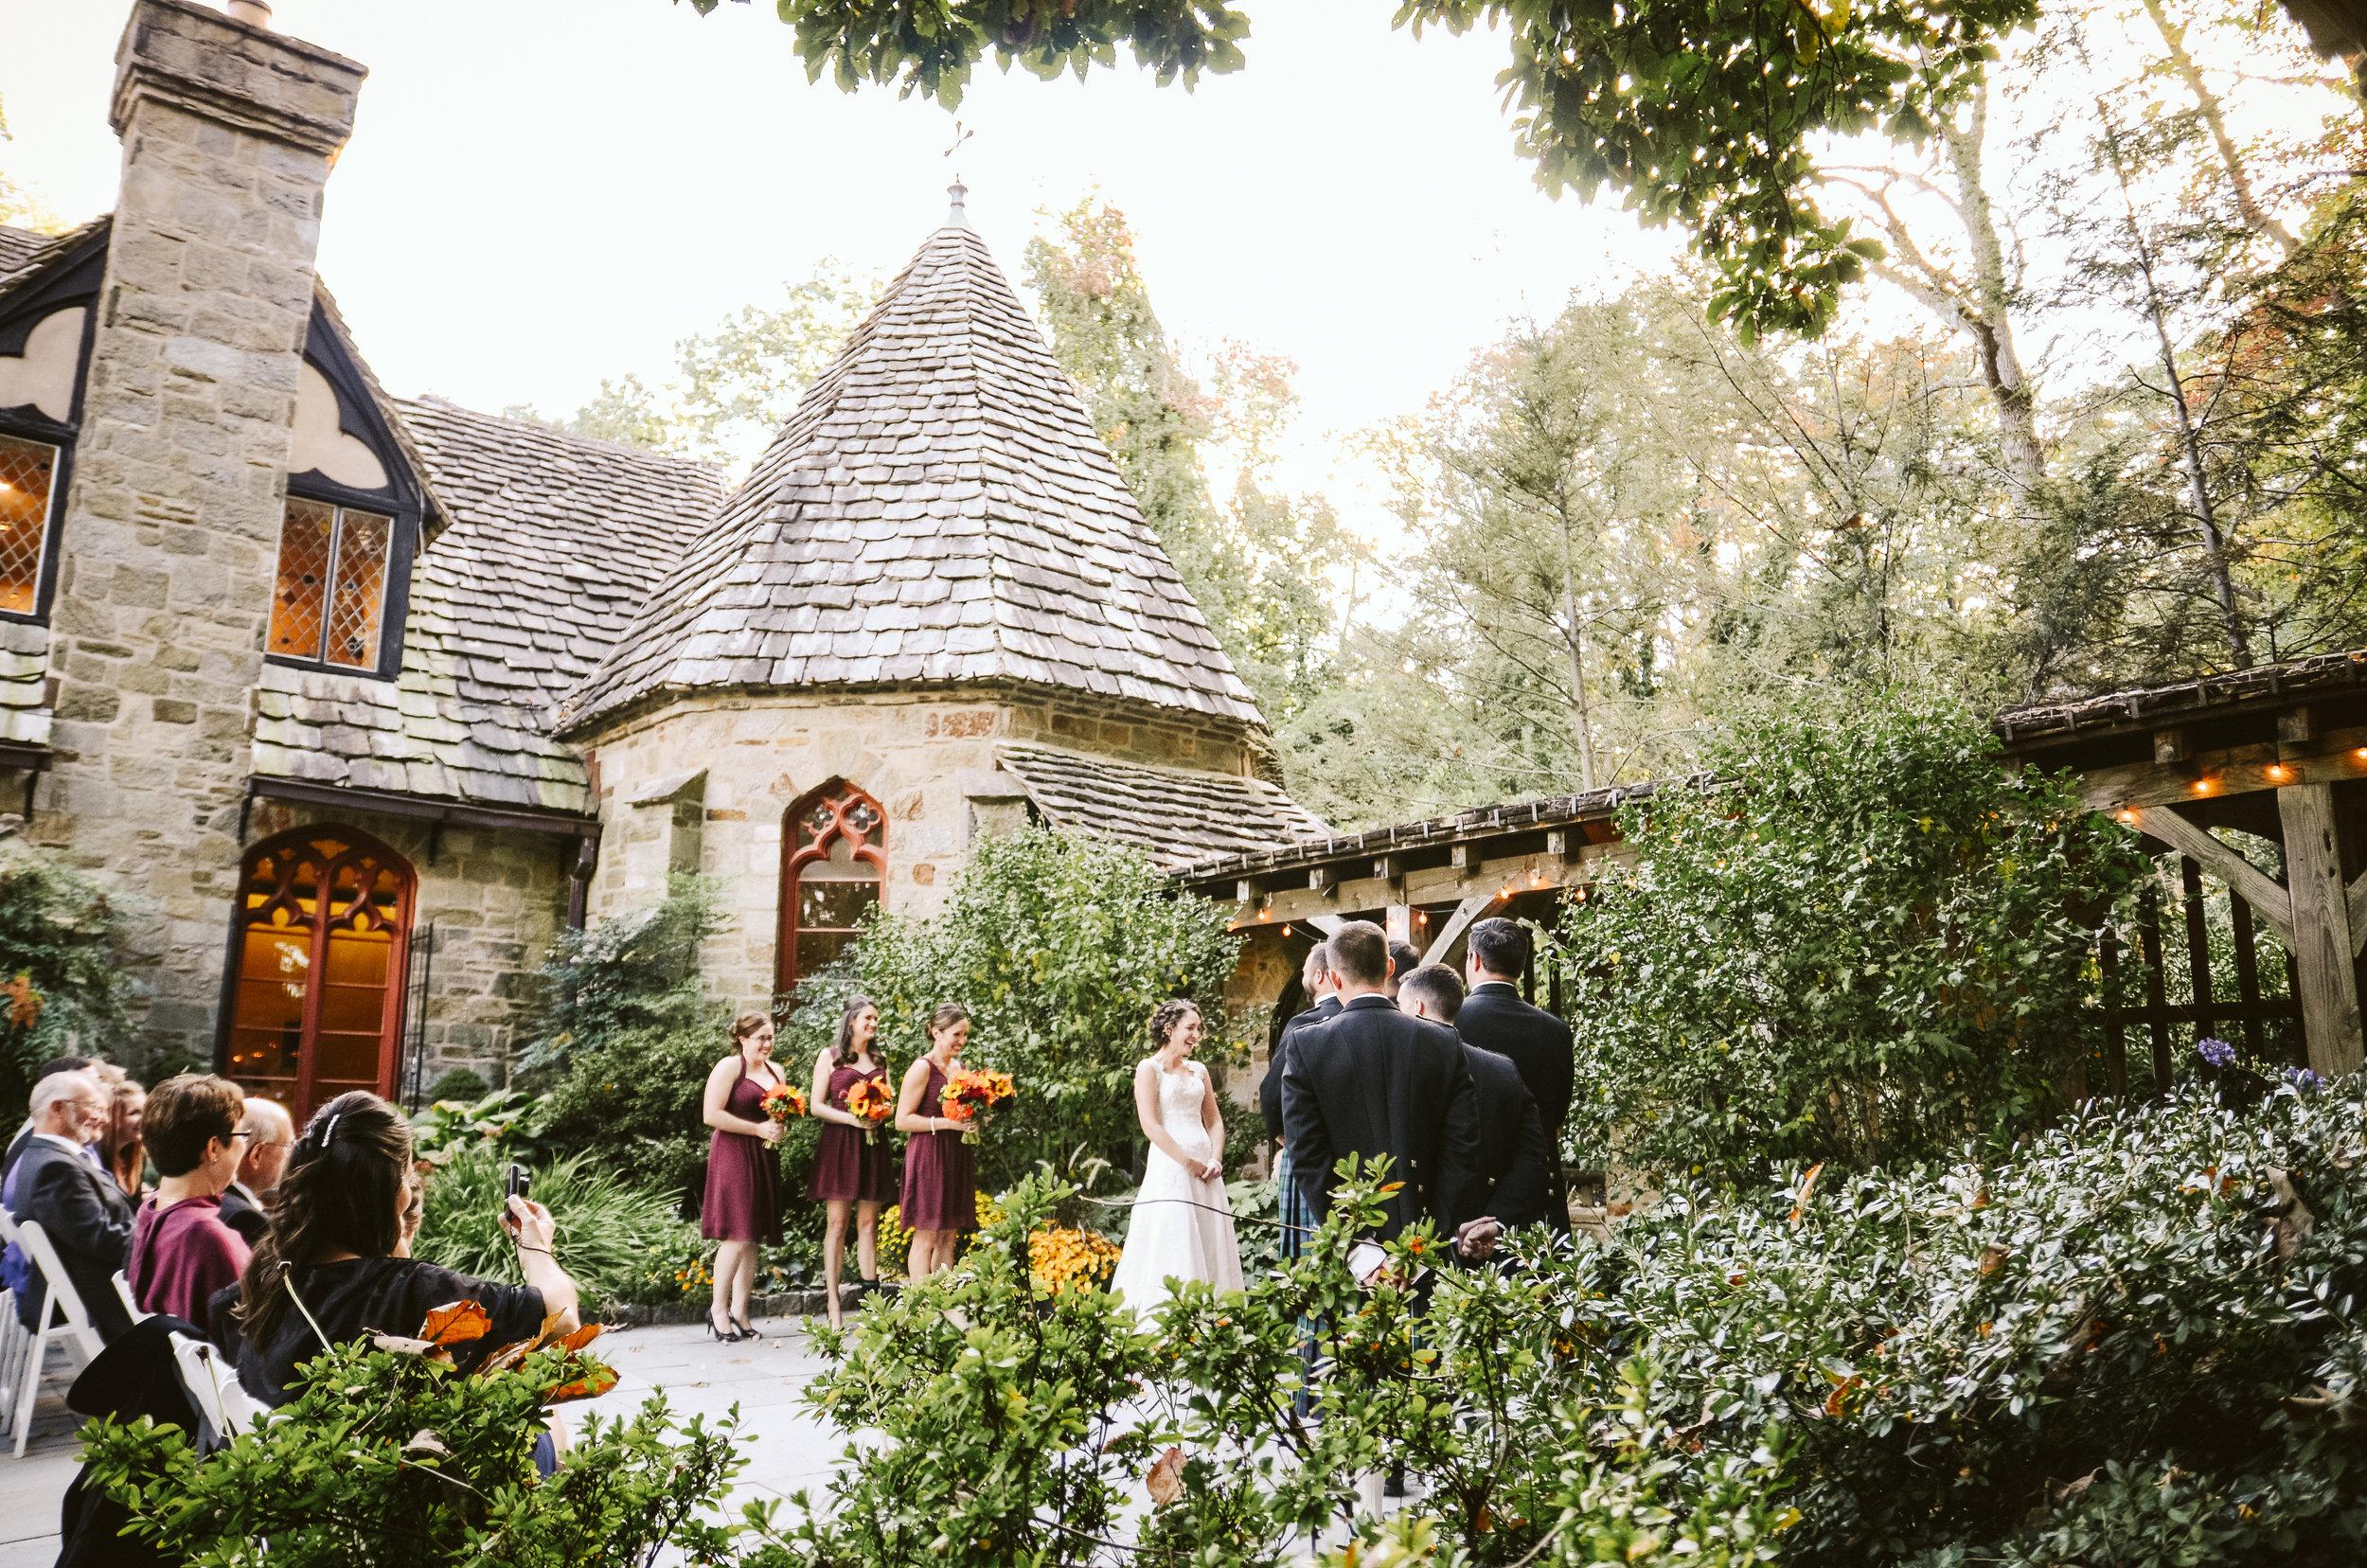 adrienne and greg's wedding 2018 edits-46.jpg